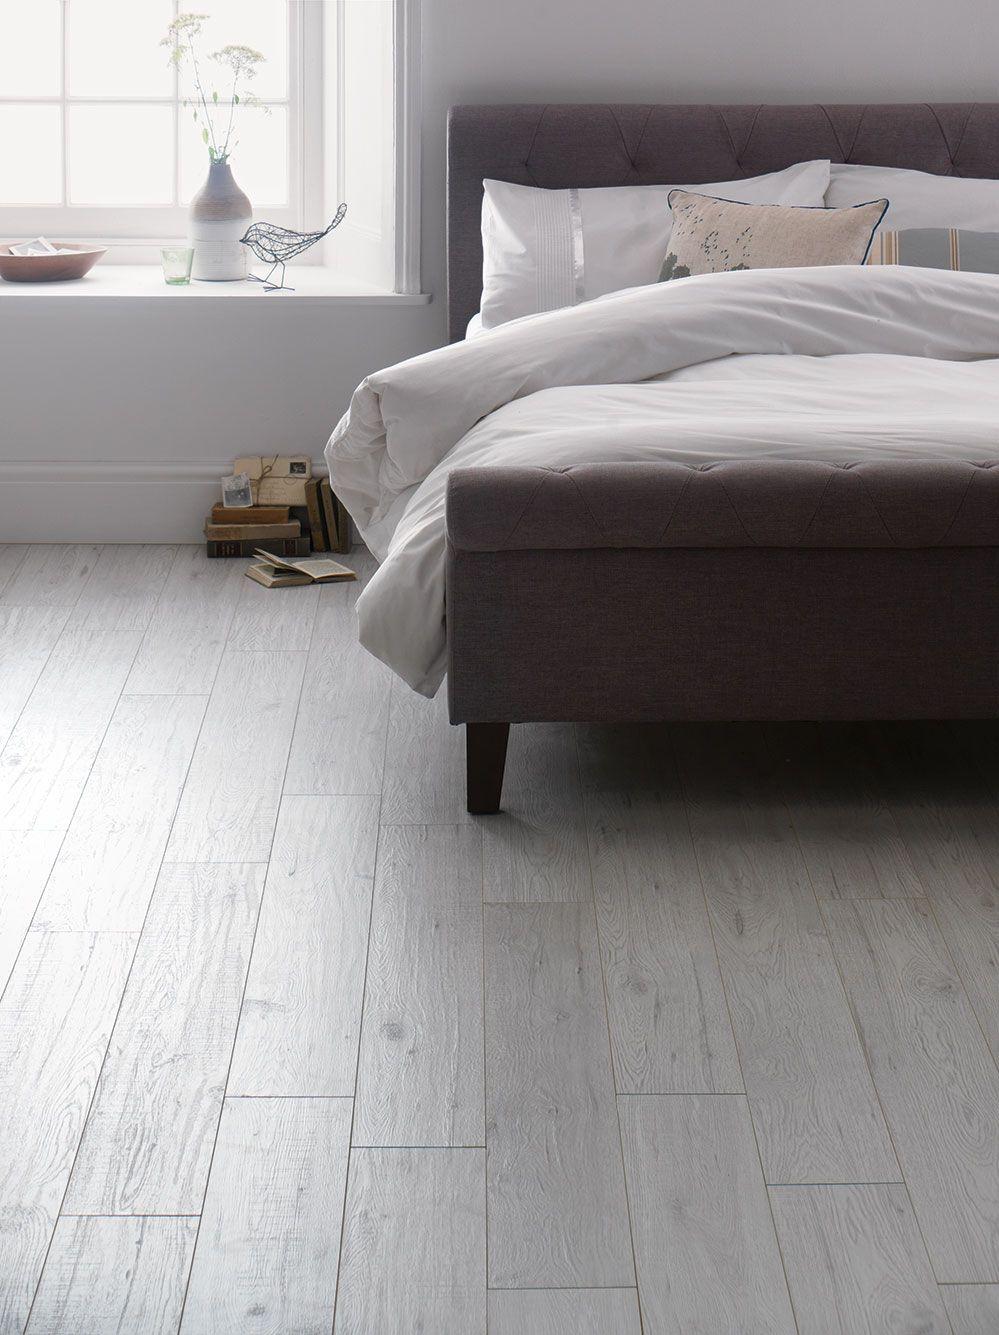 Schreiber Stone Oak Laminate Flooring 1.76 sq m per pack